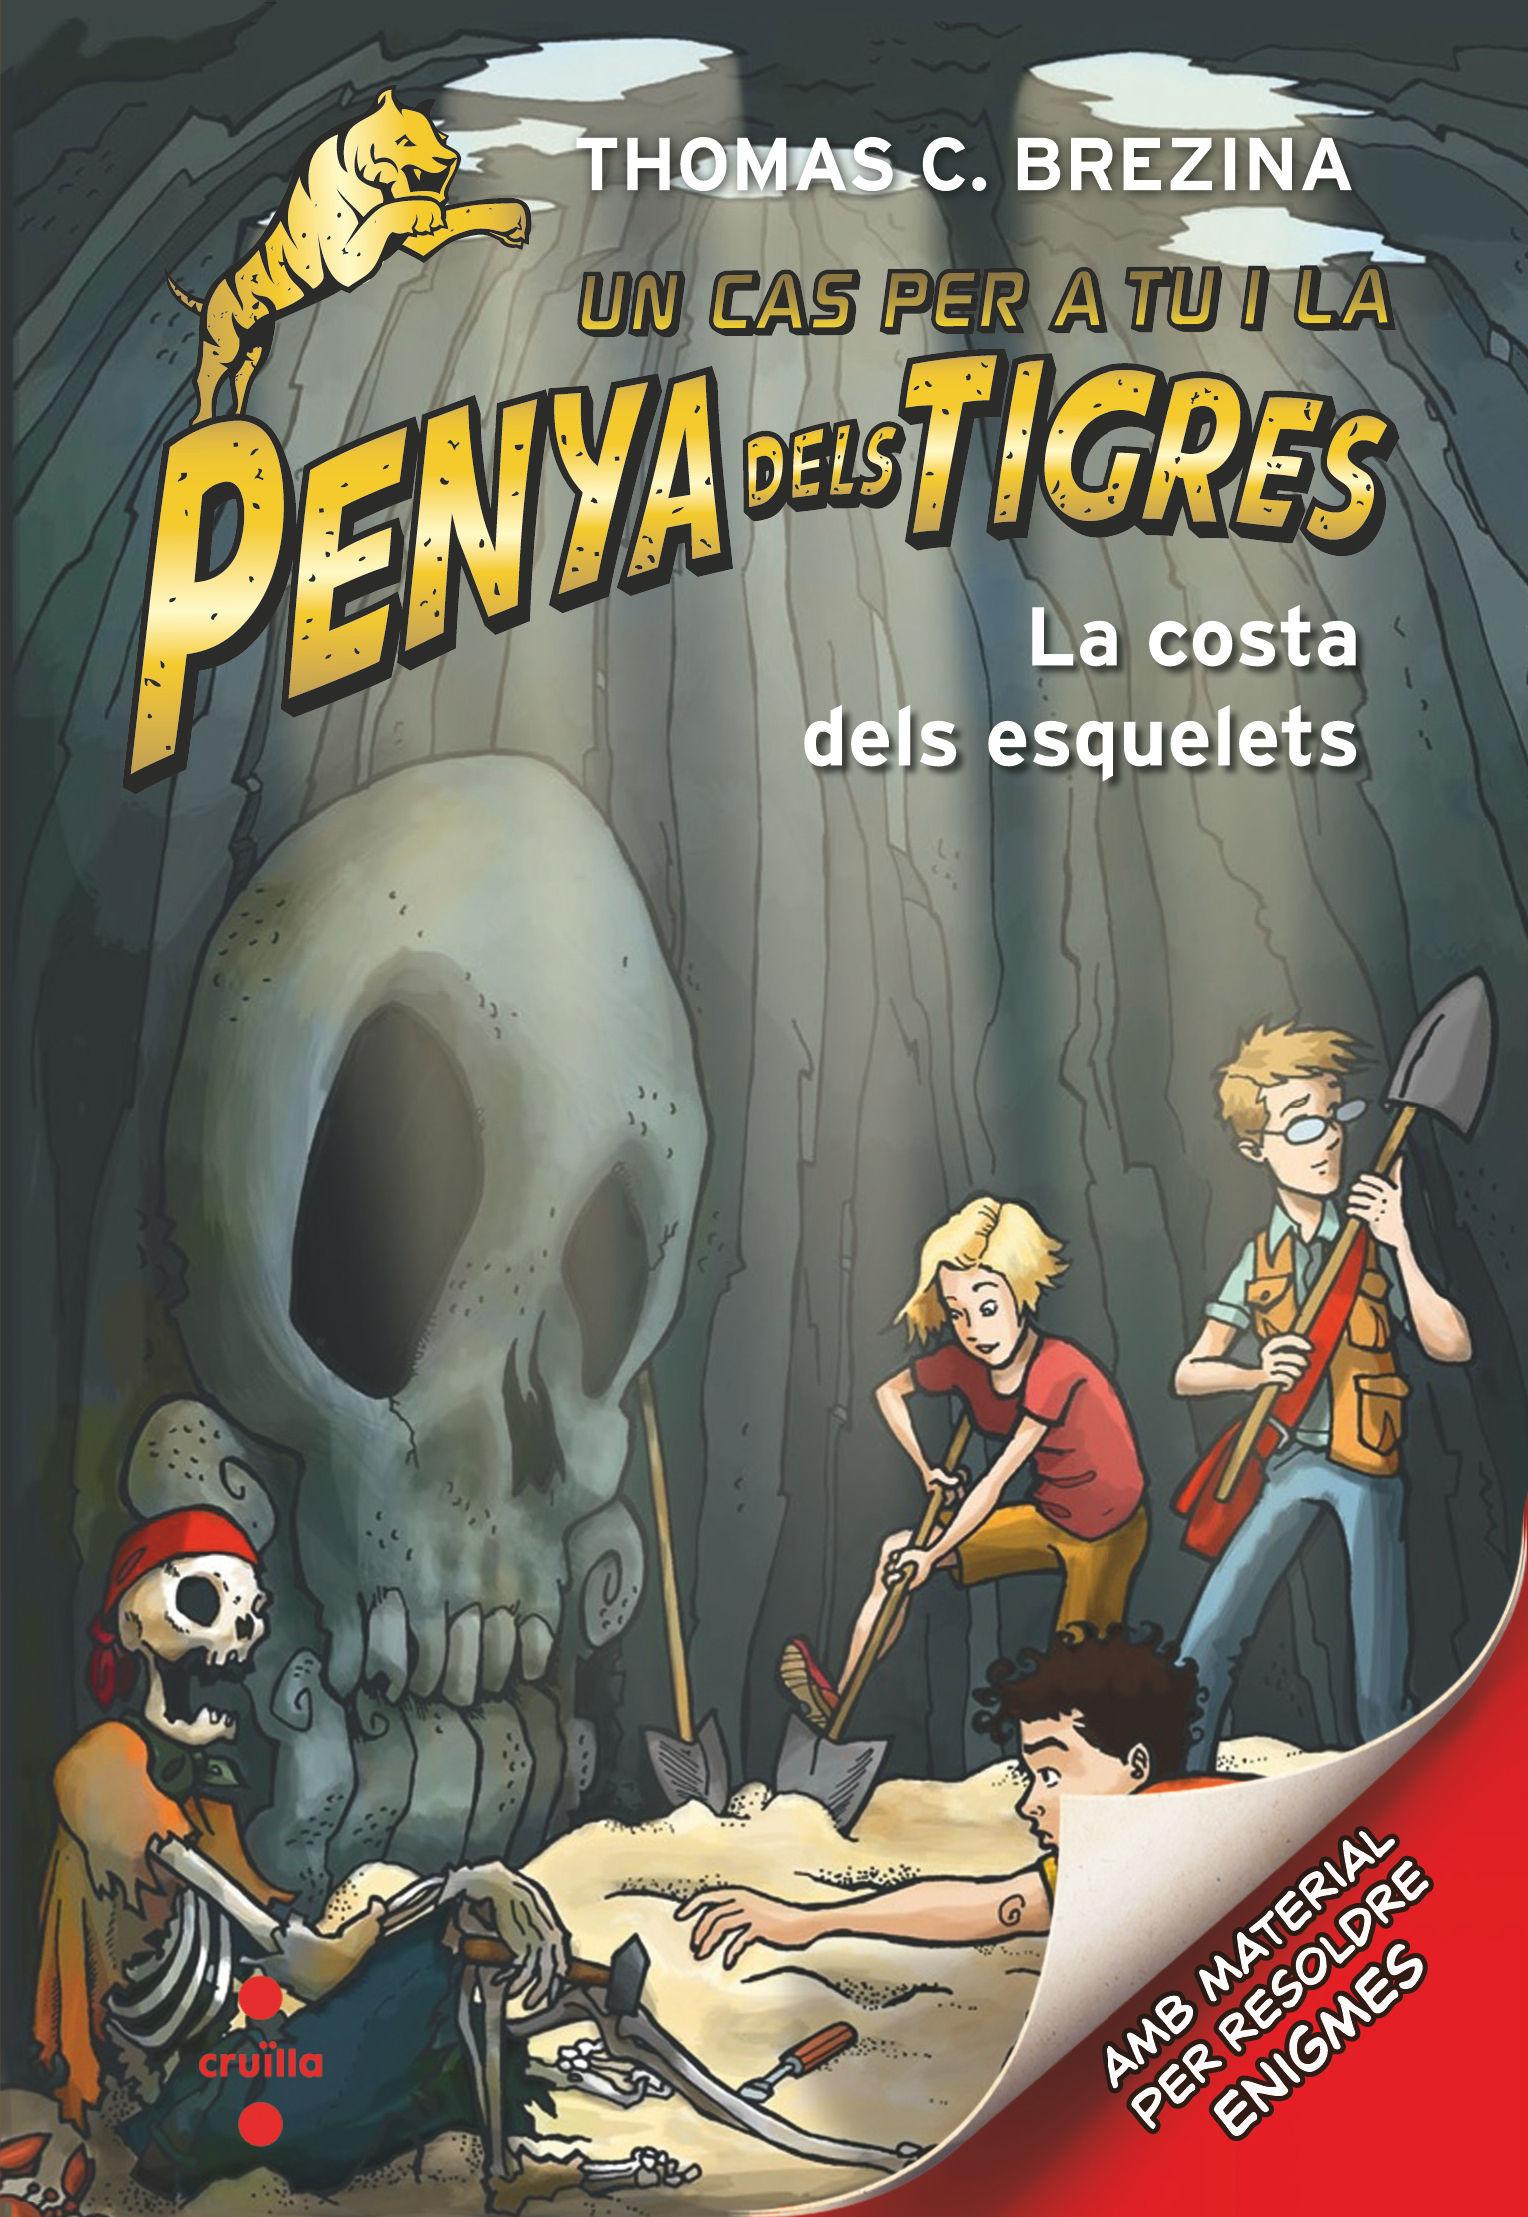 PENYA DELS TIGRES COSTA DELS ESQUELETS LA